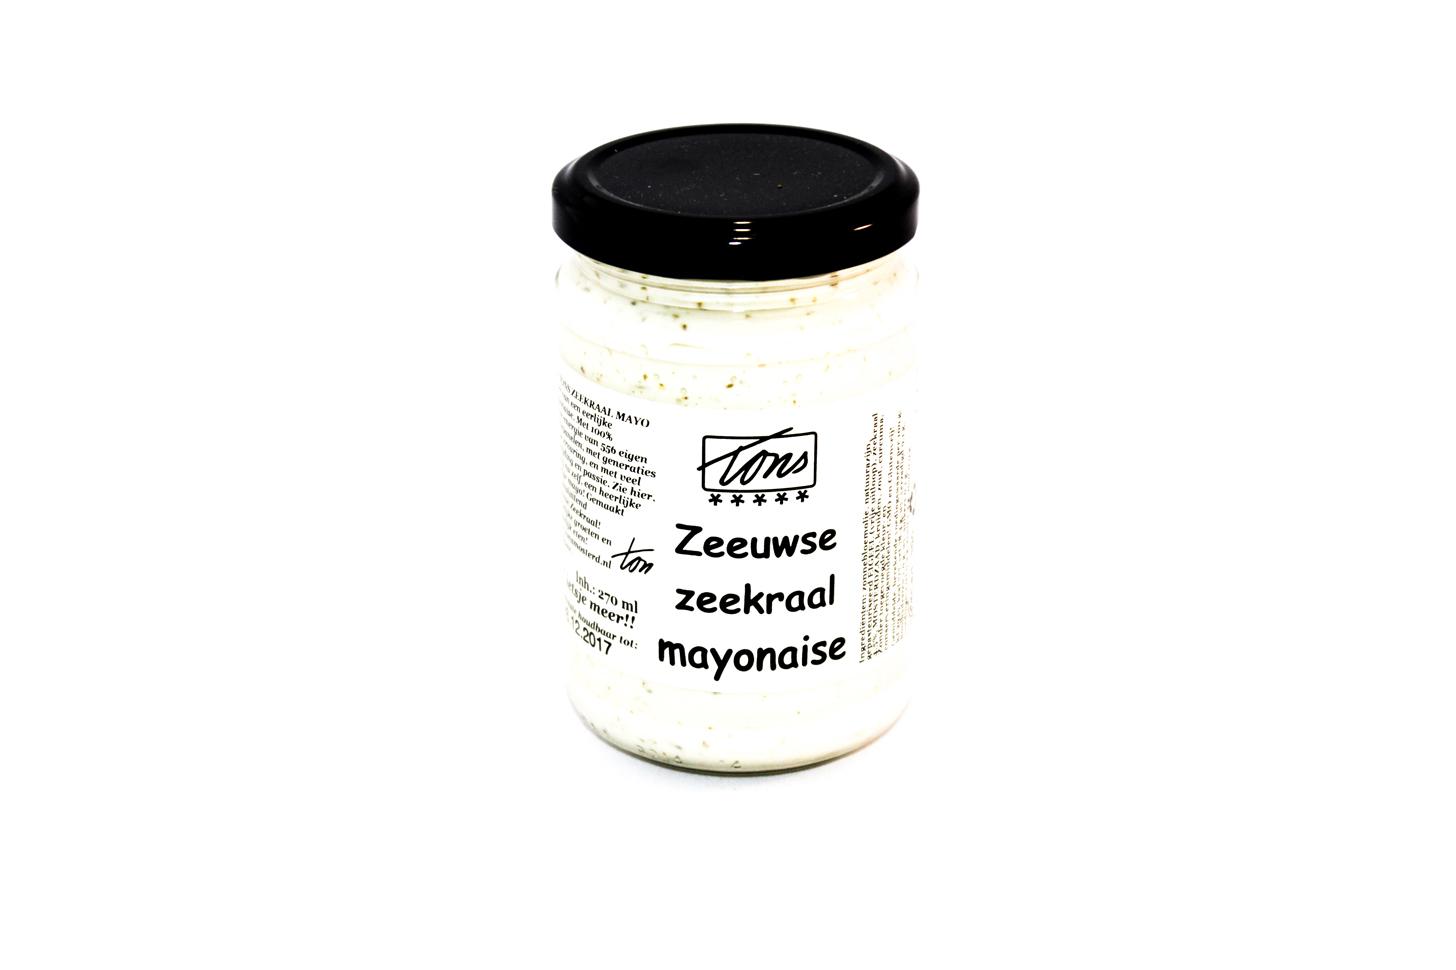 Zeekraalmayonaise